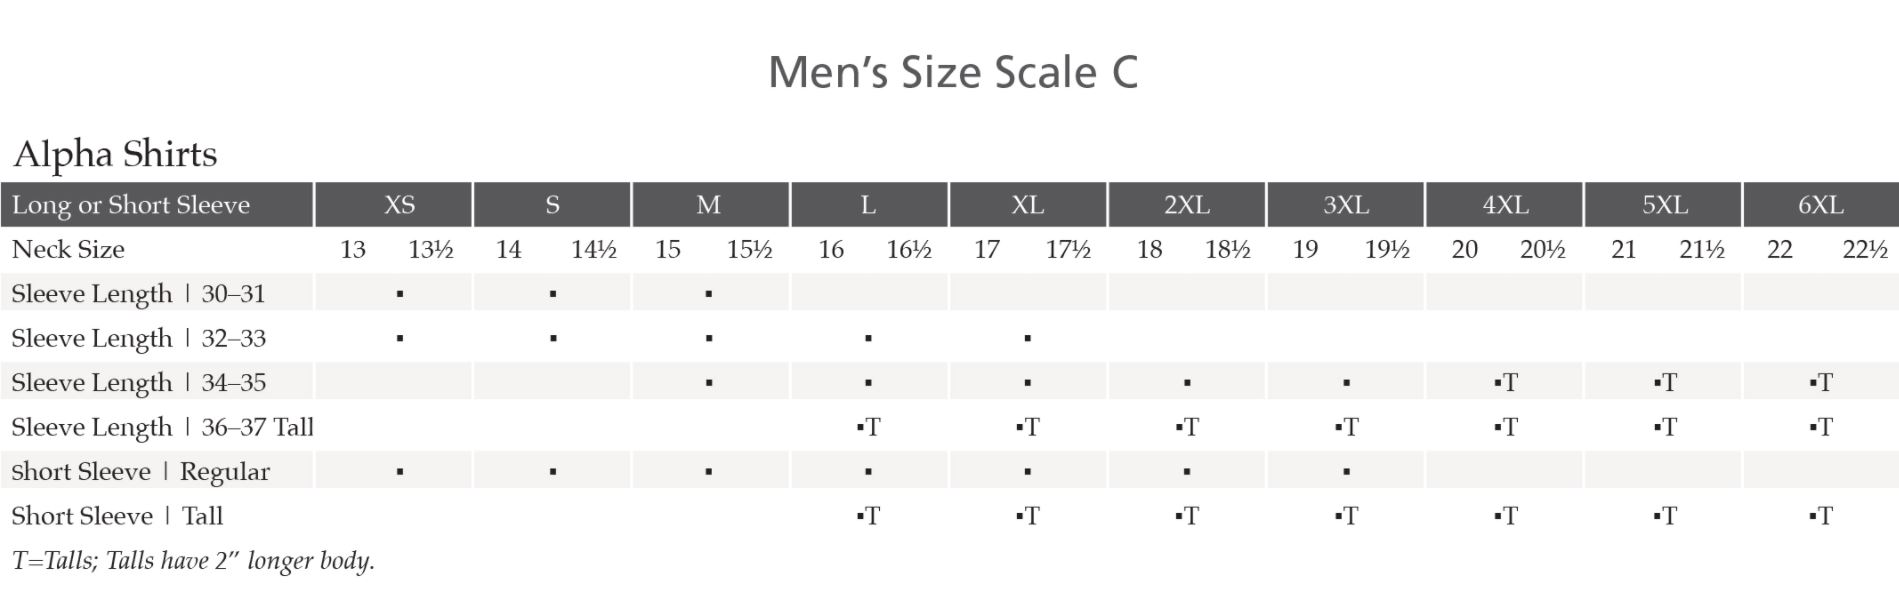 edwards-size-chart.jpg